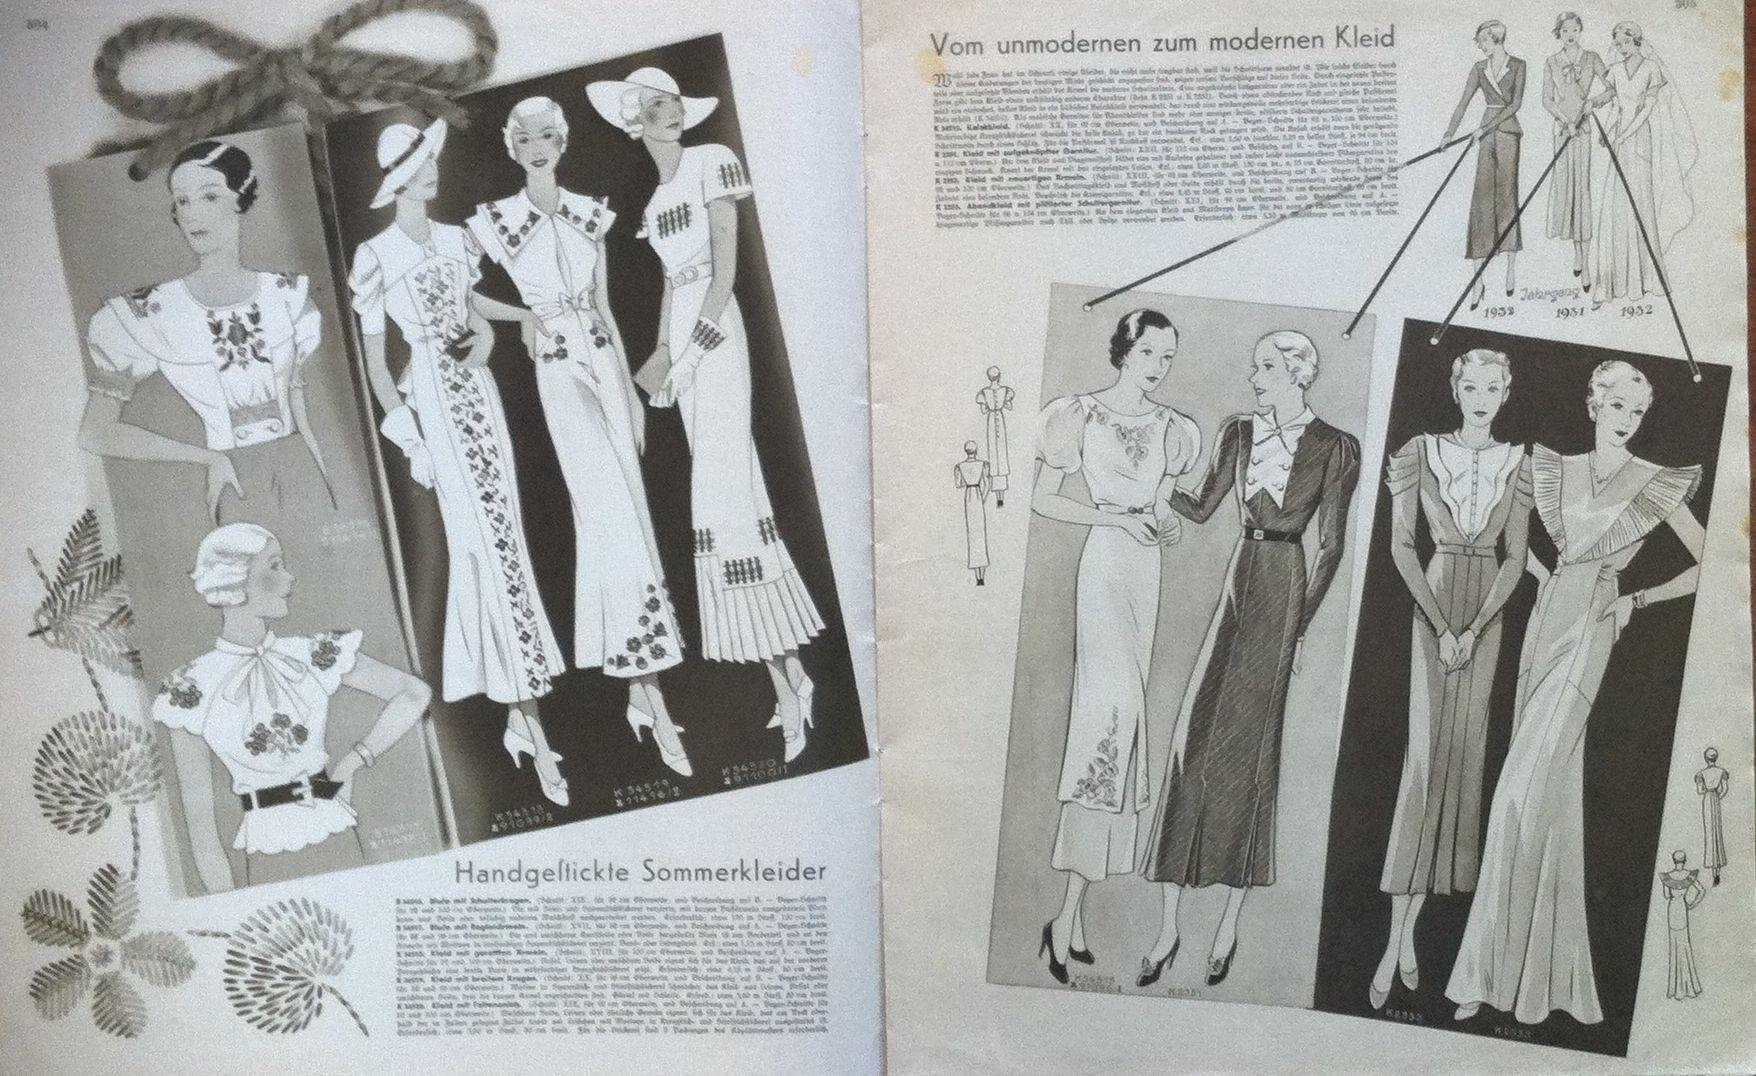 Deutsche ModenZeitung No. 12 Vol. 43 1933/34 Ретро